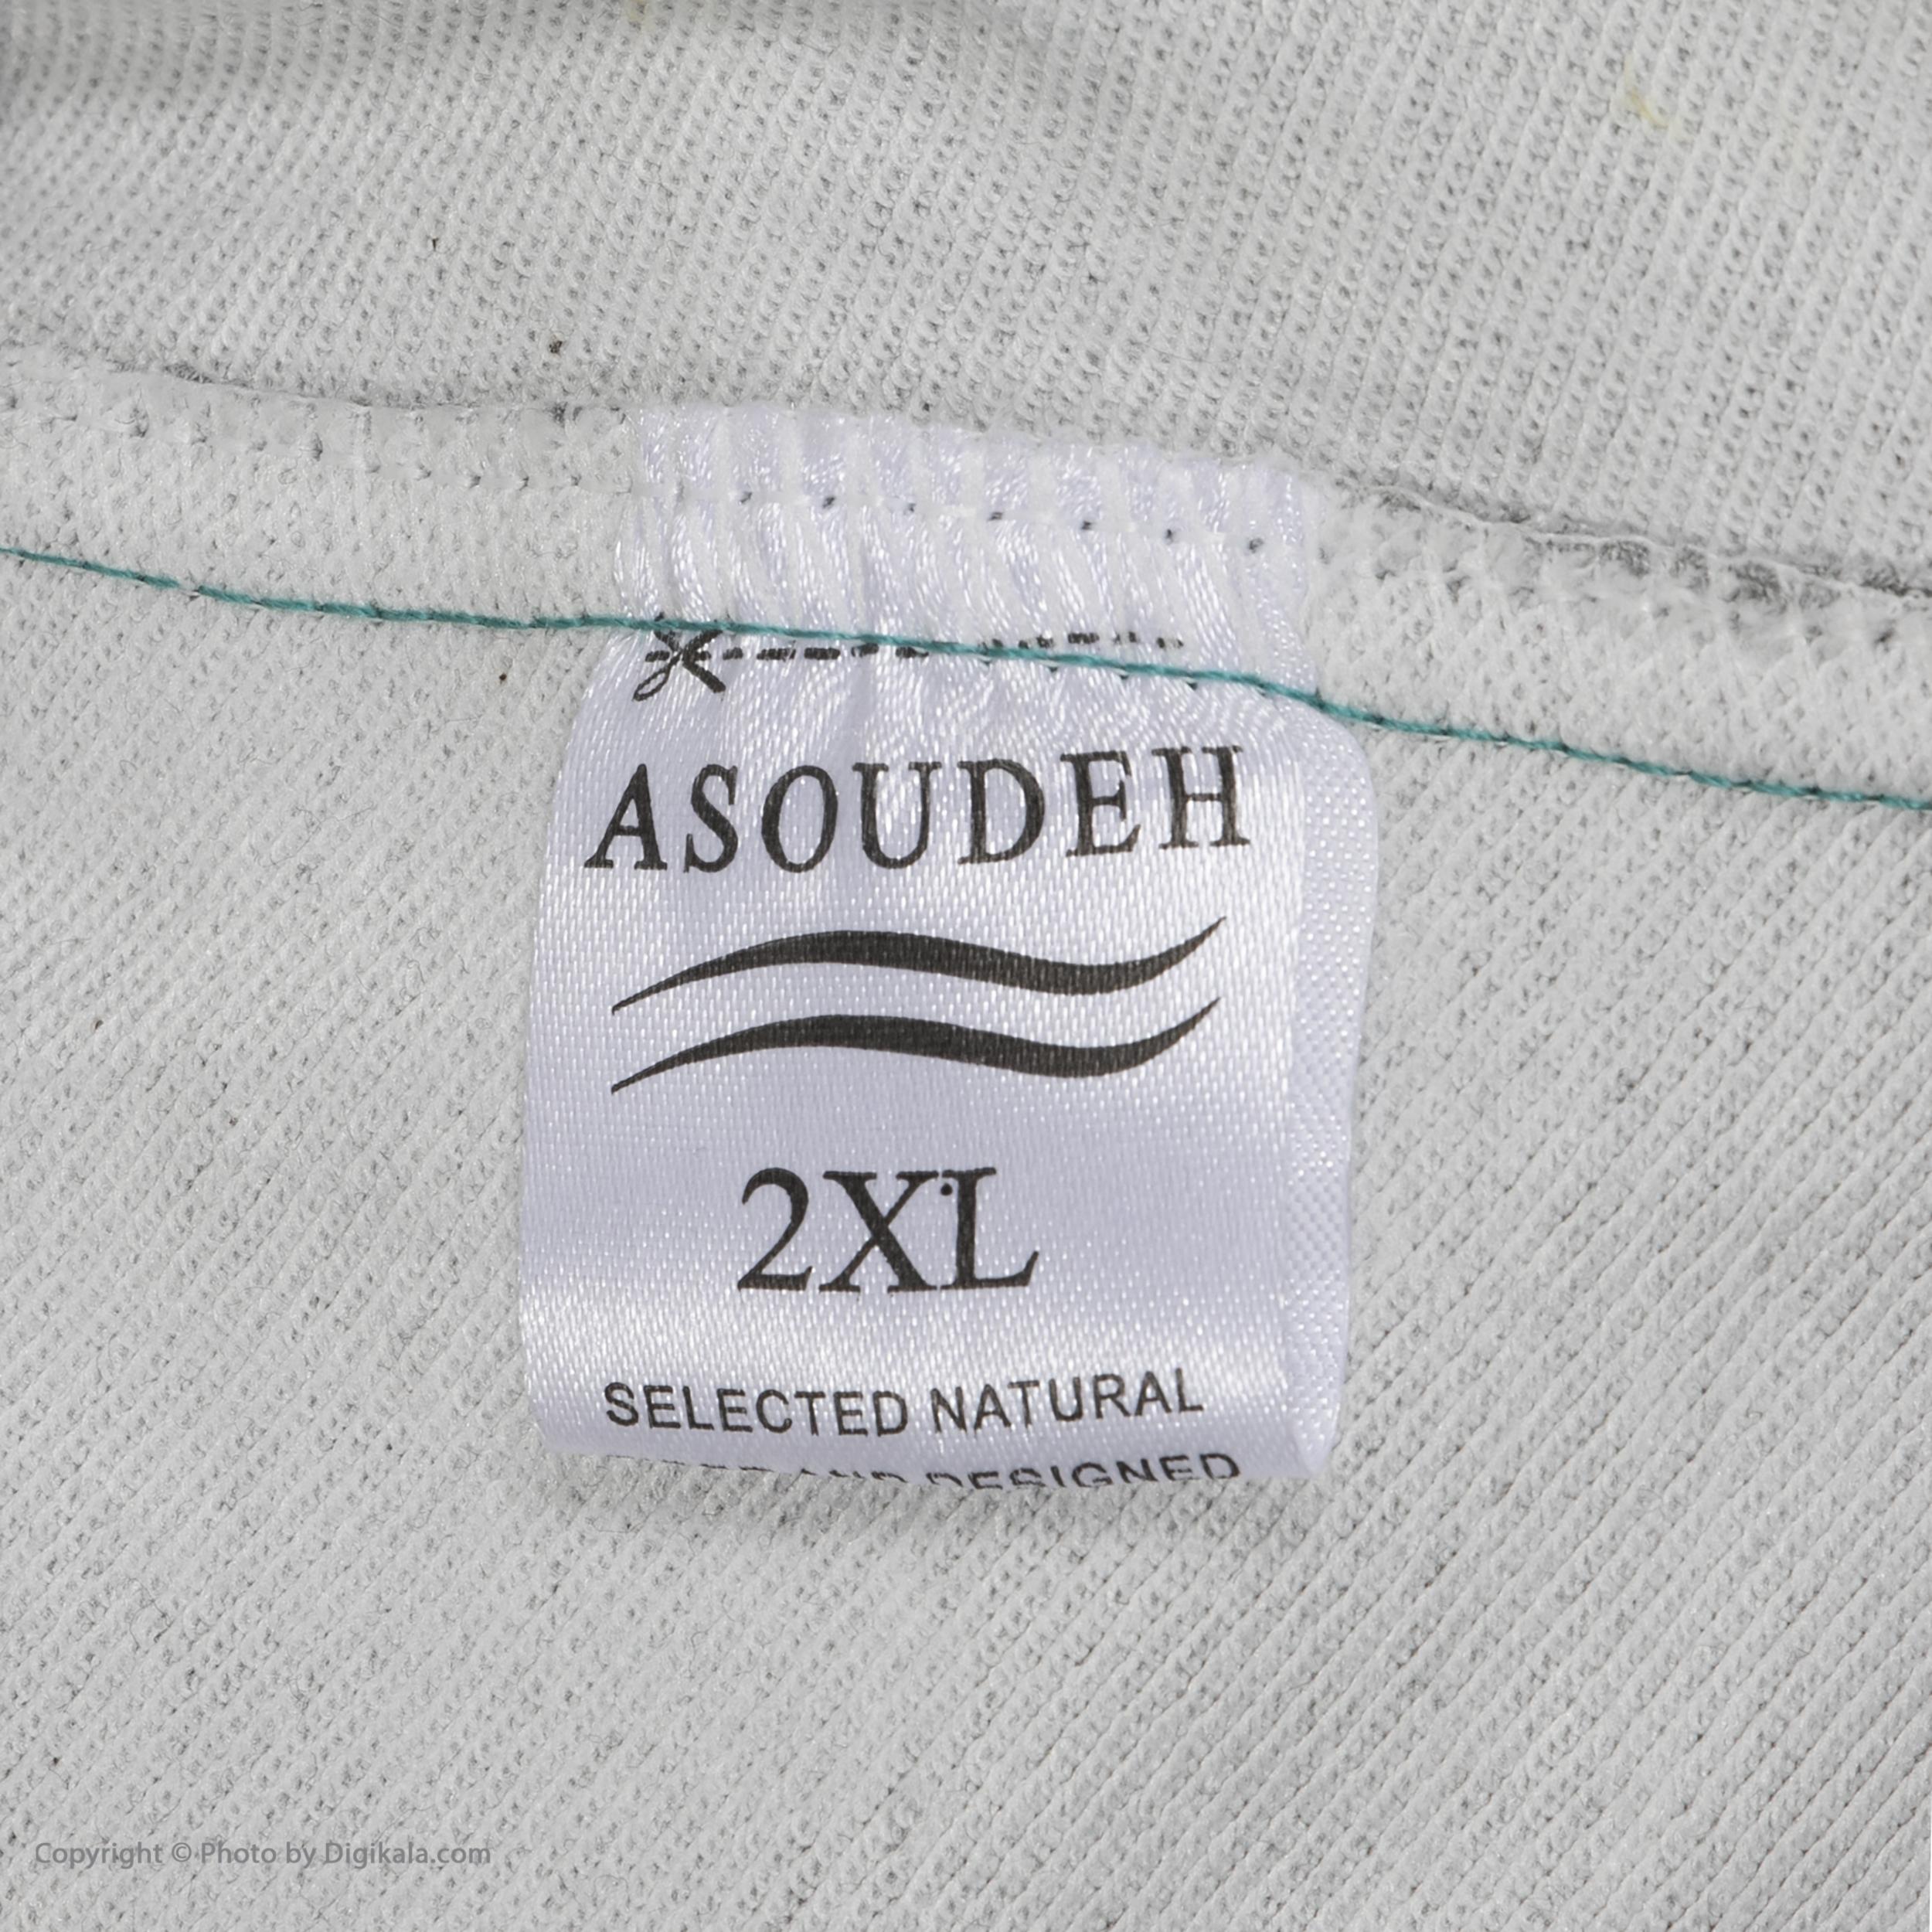 ست تی شرت و شلوار مردانه آسوده کد 0240 رنگ مشکی -  - 7